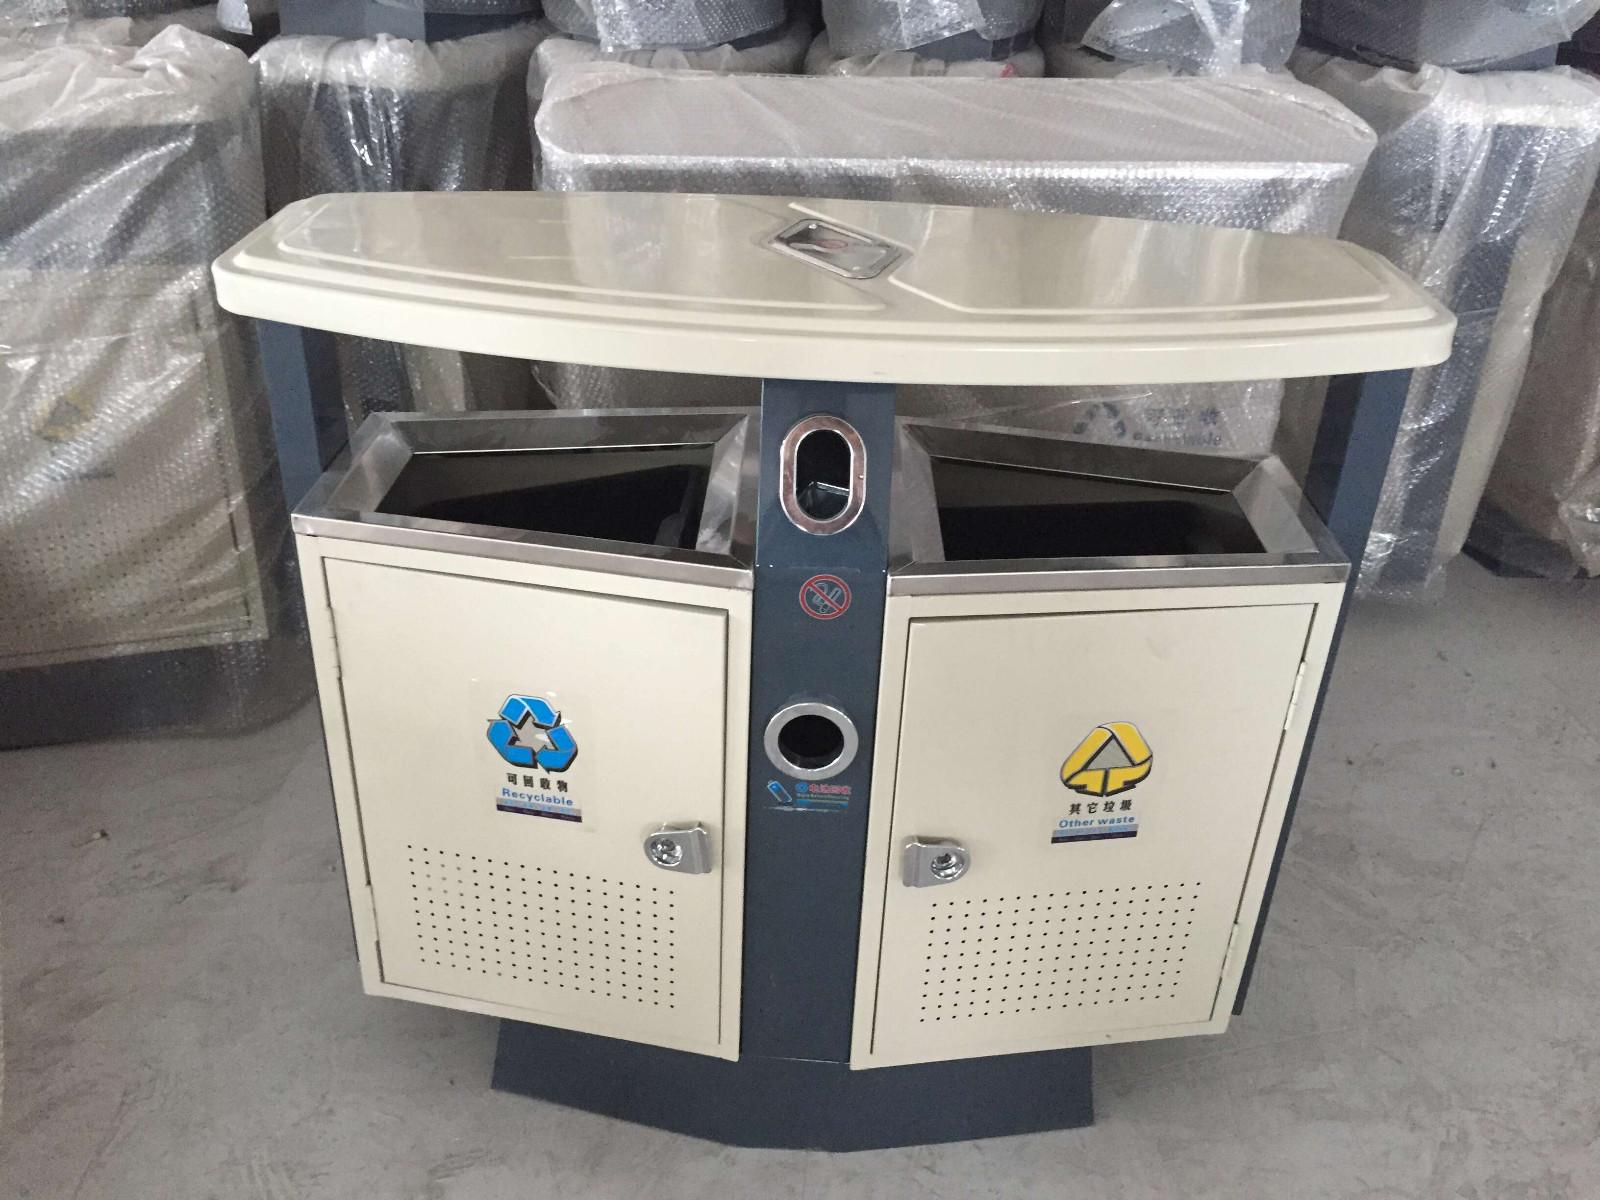 内蒙古自治区呼和浩特市垃圾桶-垃圾桶生产厂家--洛阳中星